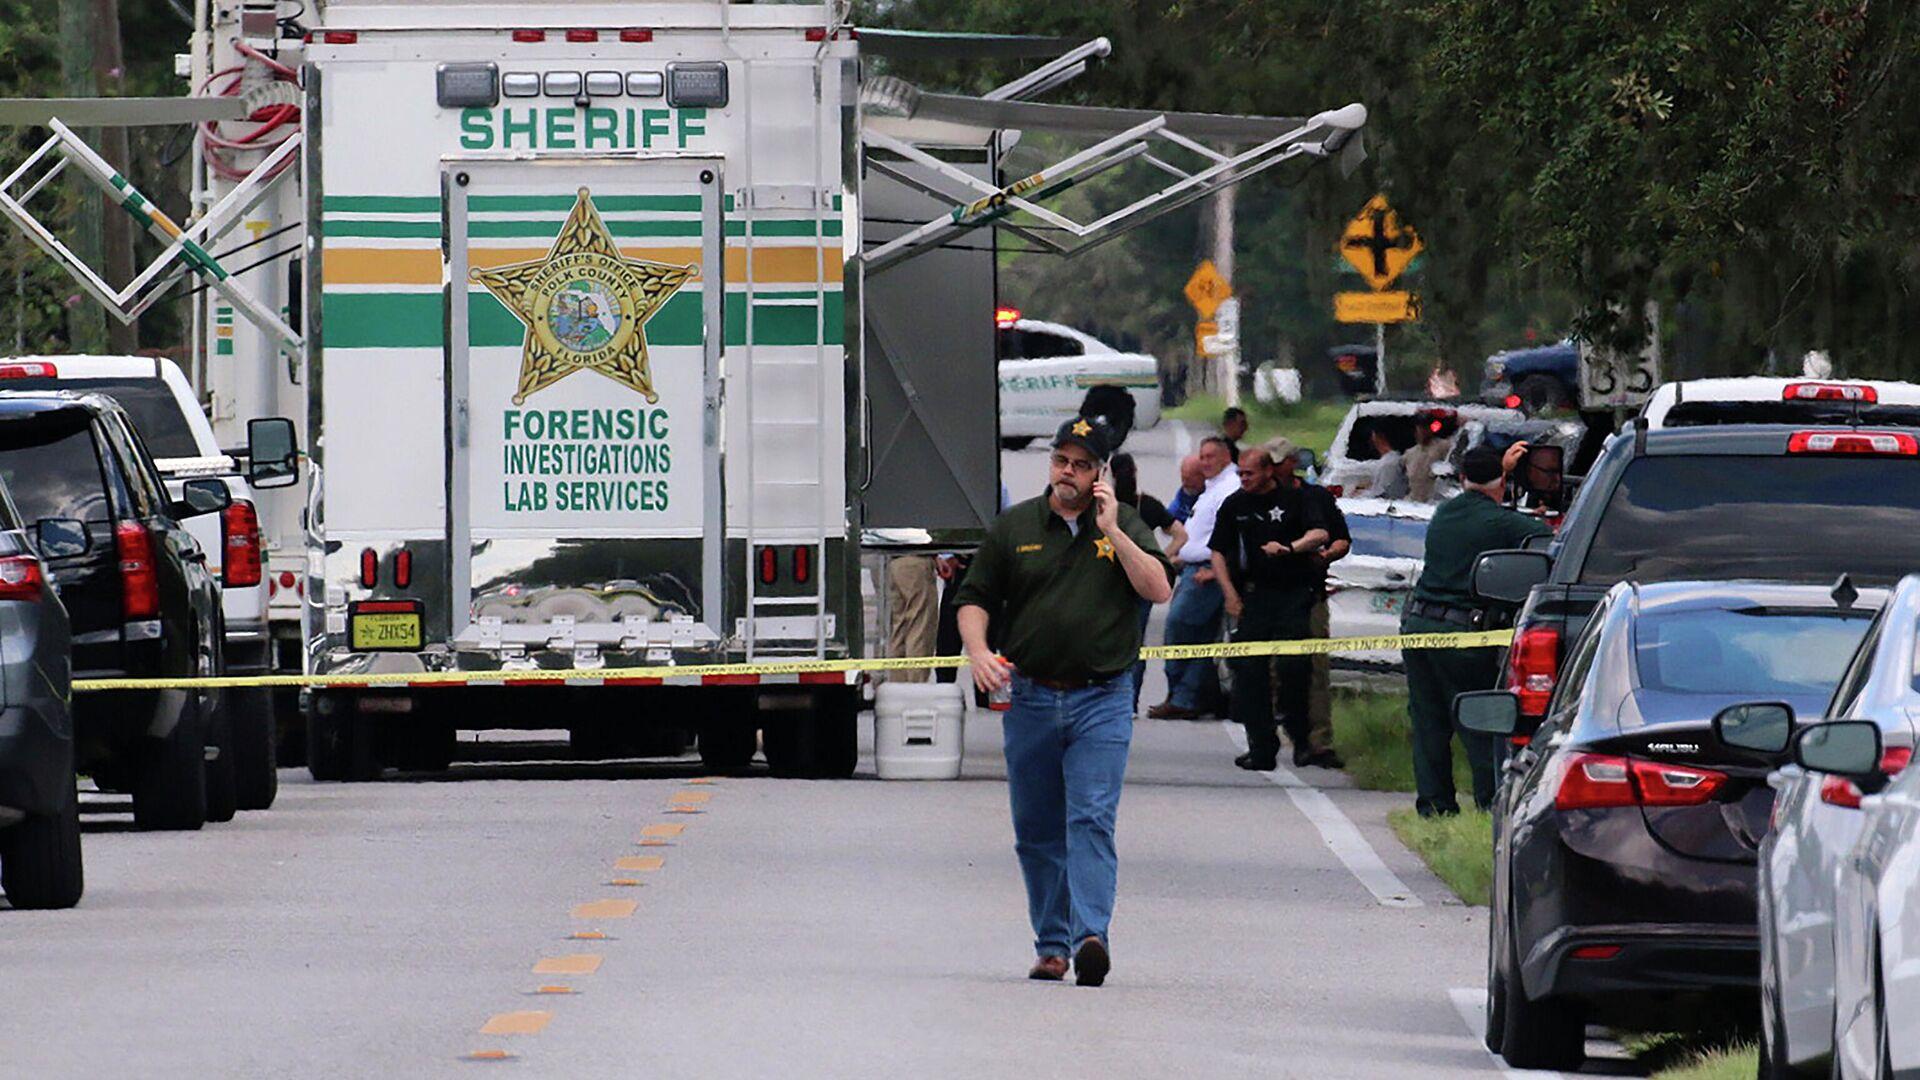 Pucnjava u Lejklandu na Floridi, ubijene četiri osobe, među kojima i beba - Sputnik Srbija, 1920, 05.09.2021